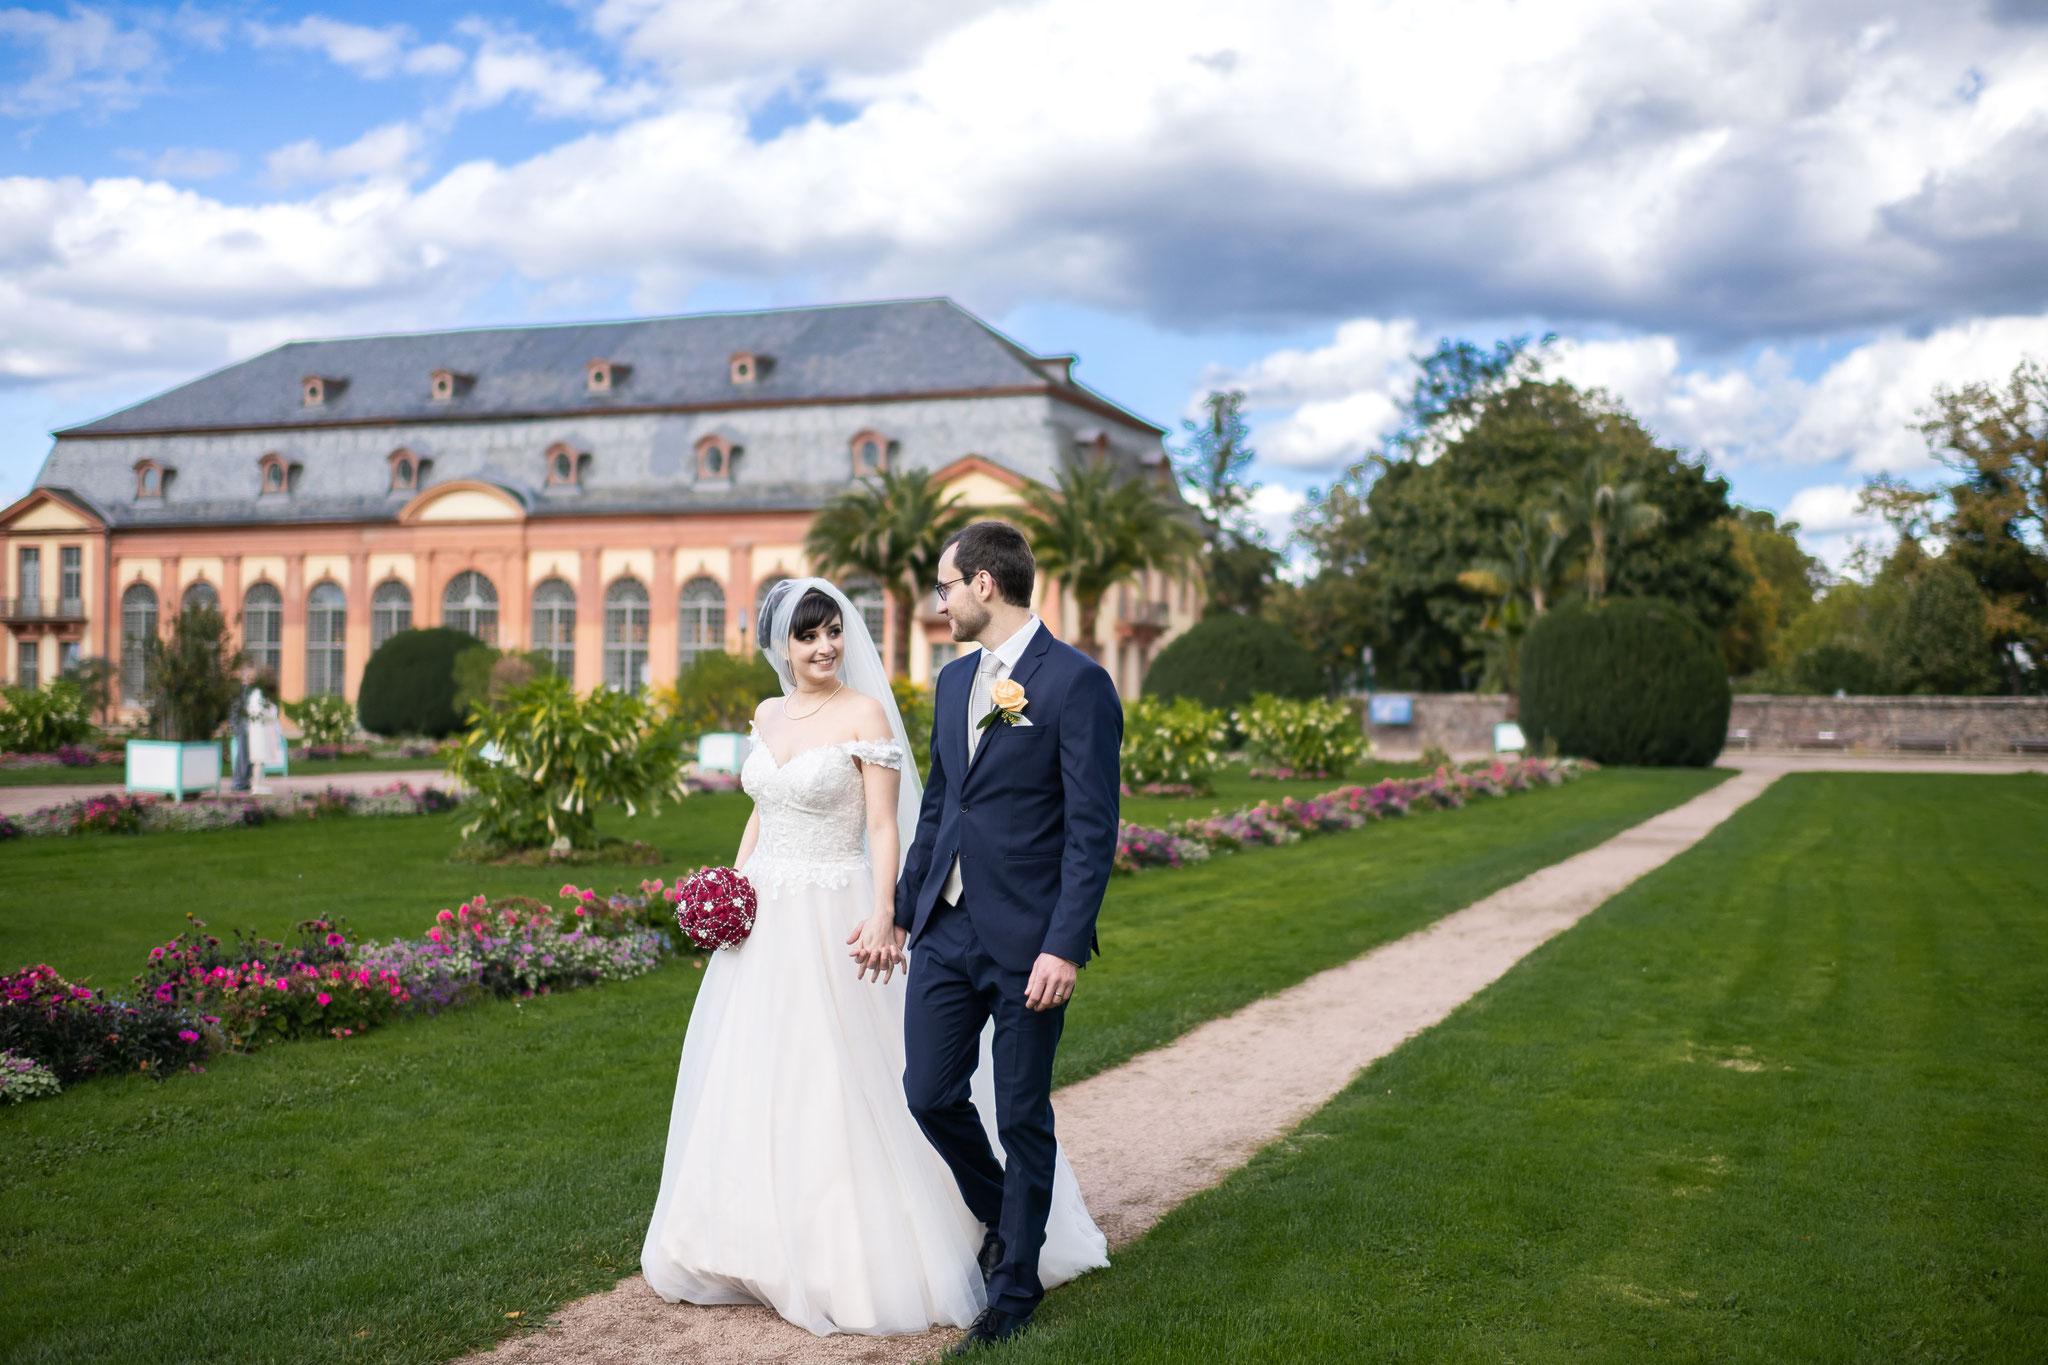 Ihr Fotograf und Filmmaker für Fotos und Videos in der Orangerie in Darmstadt